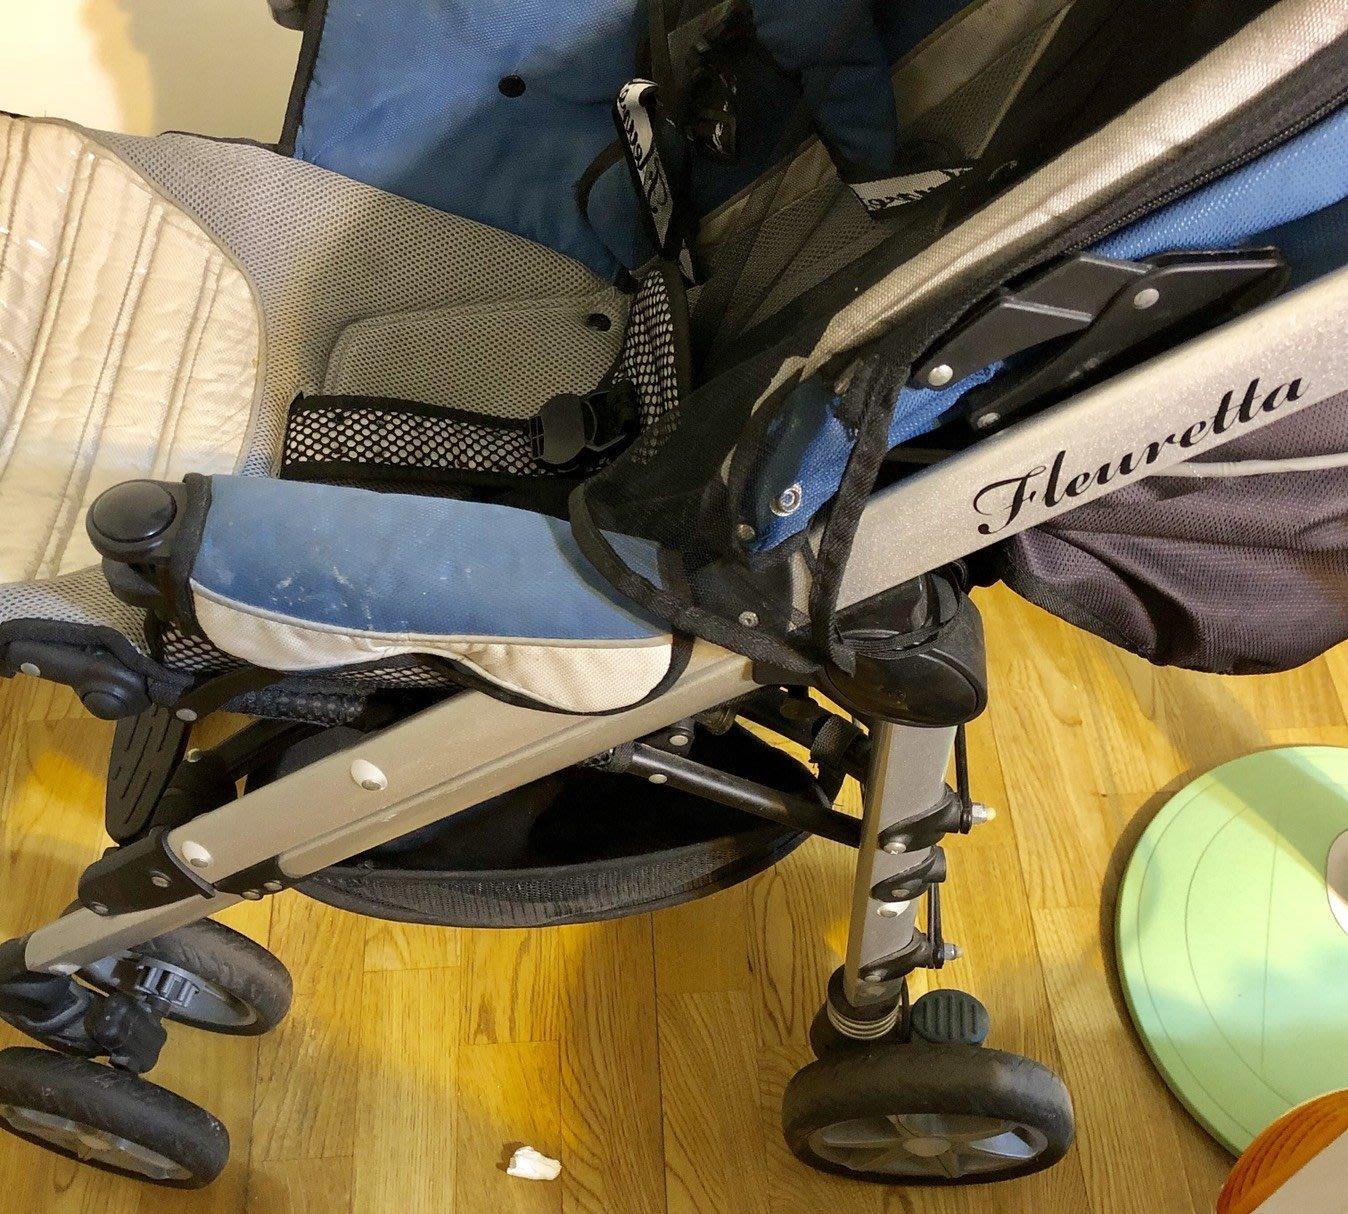 fleuretta 芙莉塔 四輪 避震 嬰兒手推車、蚊帳、戰車級推車